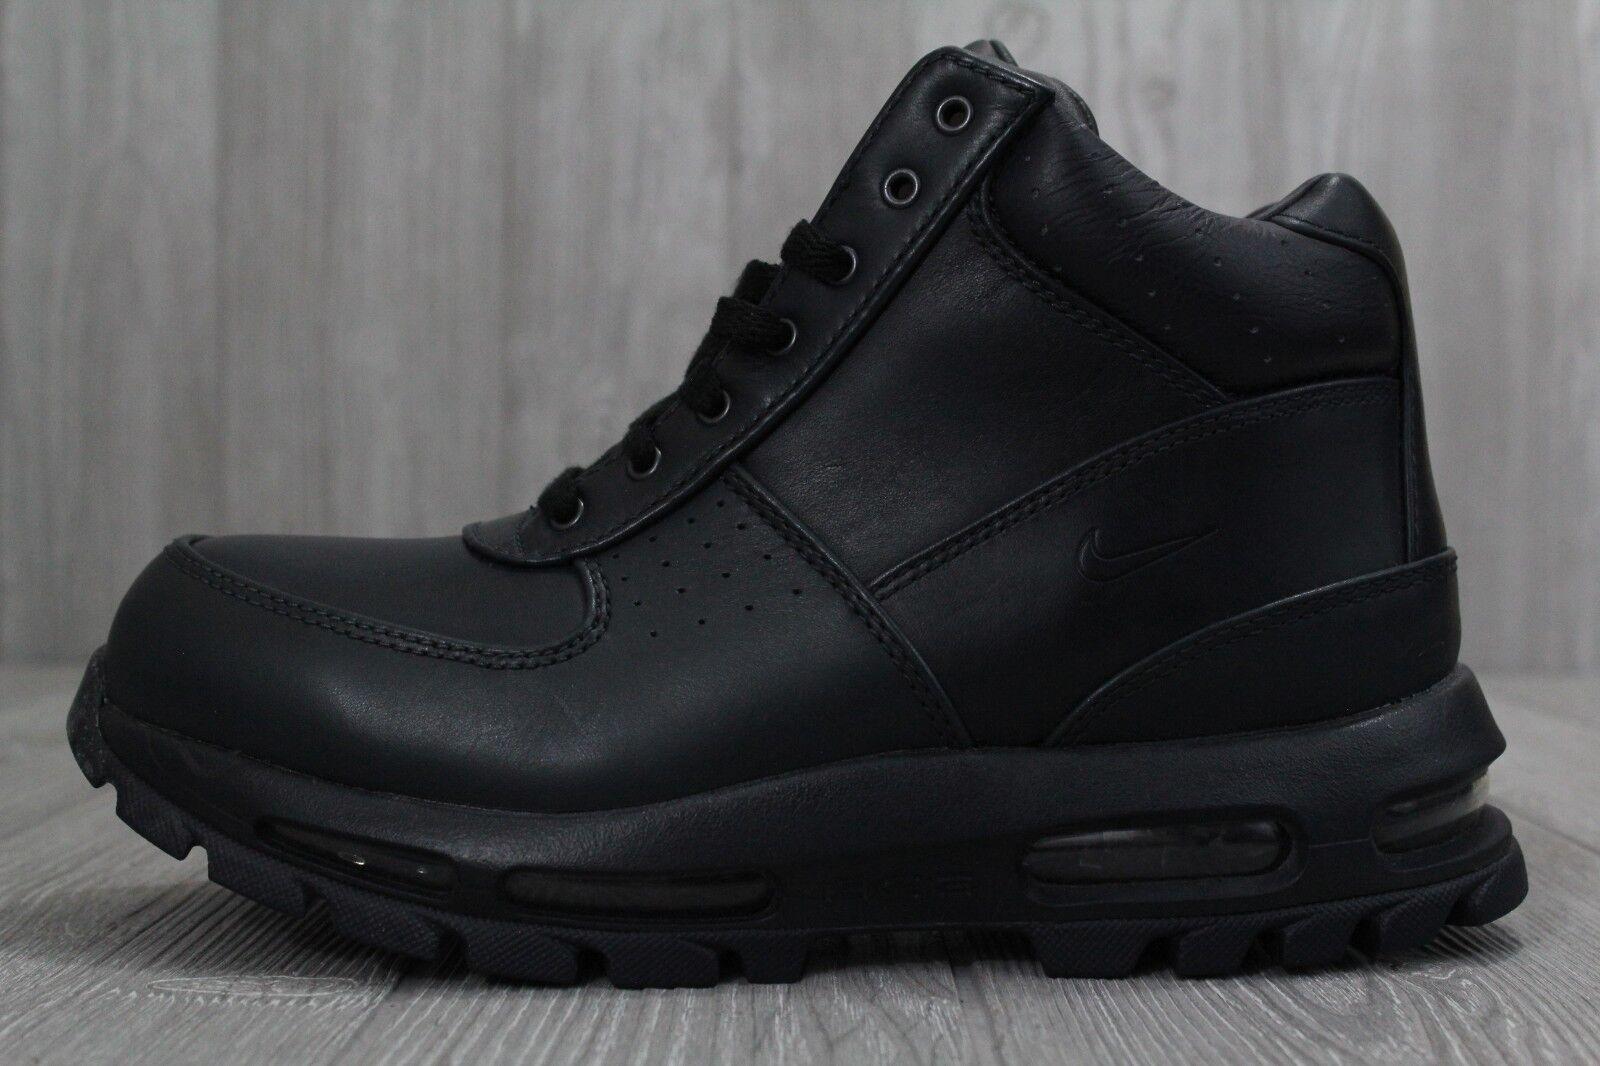 4a1cf7e131 ... sale nike acg boots air max goadome hombre boots acg dark obsidian azul  negro 865031 403 where to buy nike air mens max goadome acg black ...